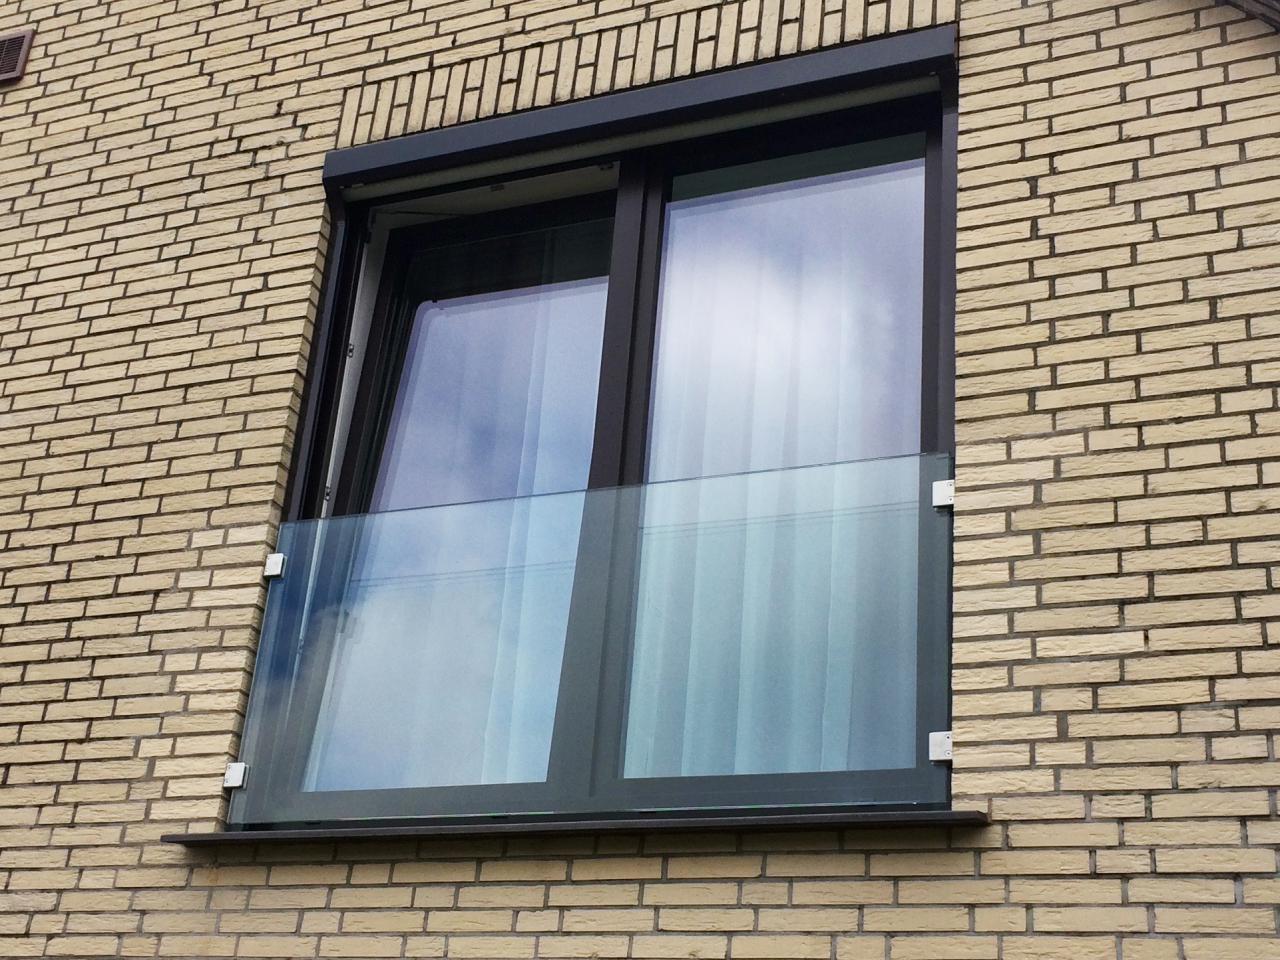 franz sischer balkon glas in laibung tisch balkongel nder. Black Bedroom Furniture Sets. Home Design Ideas